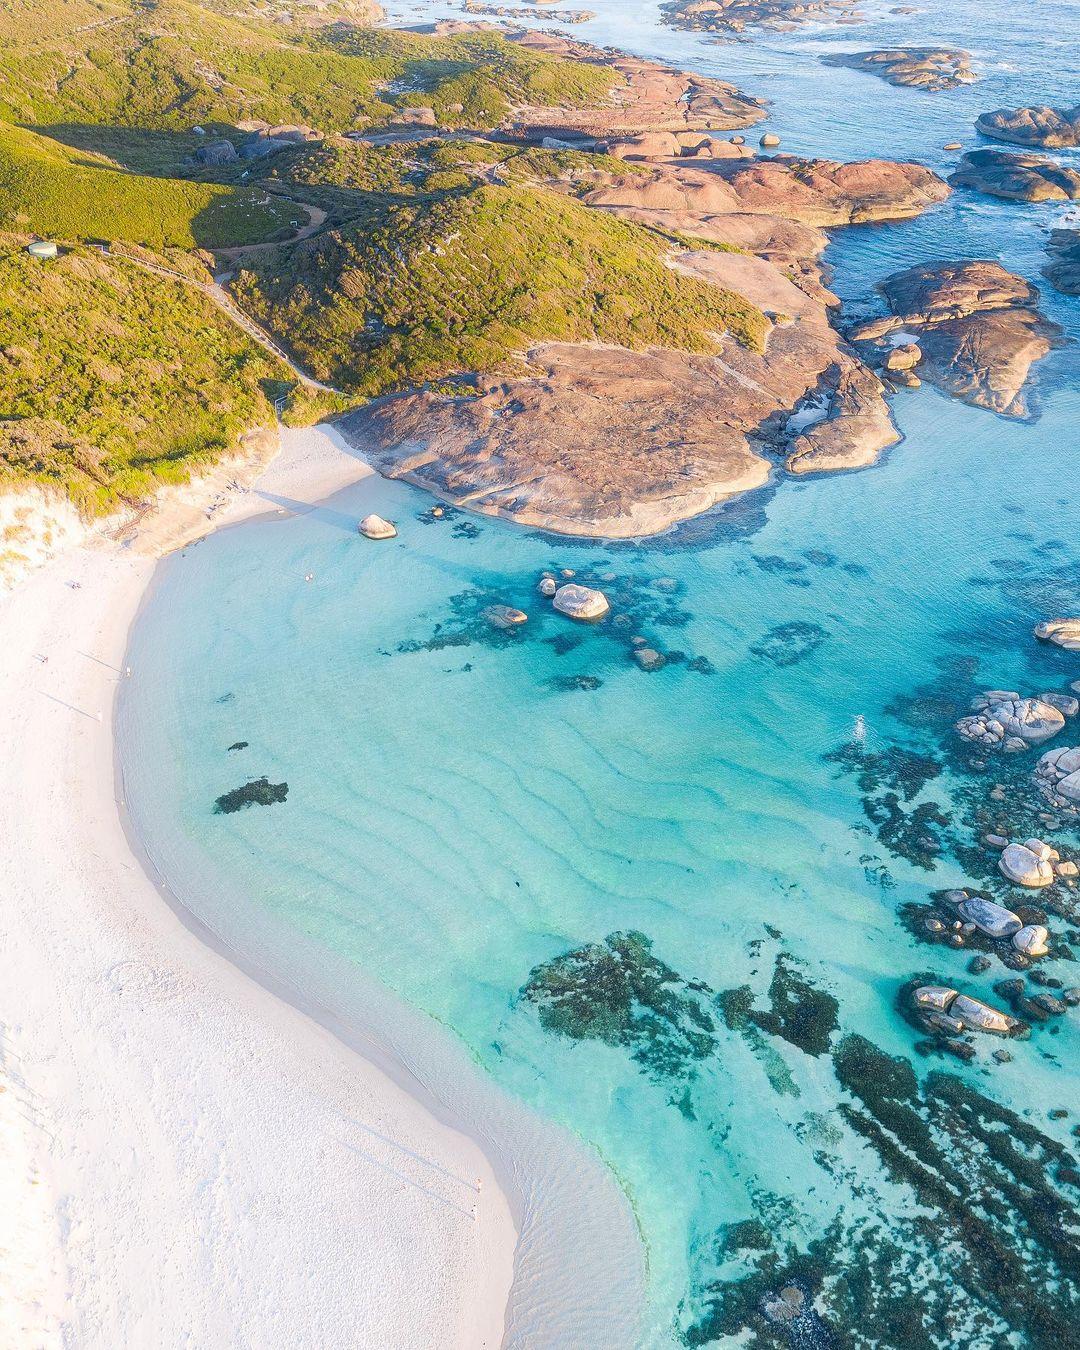 Красоты Австралии и Новой Зеландии с высоты от Митчелла Кларка